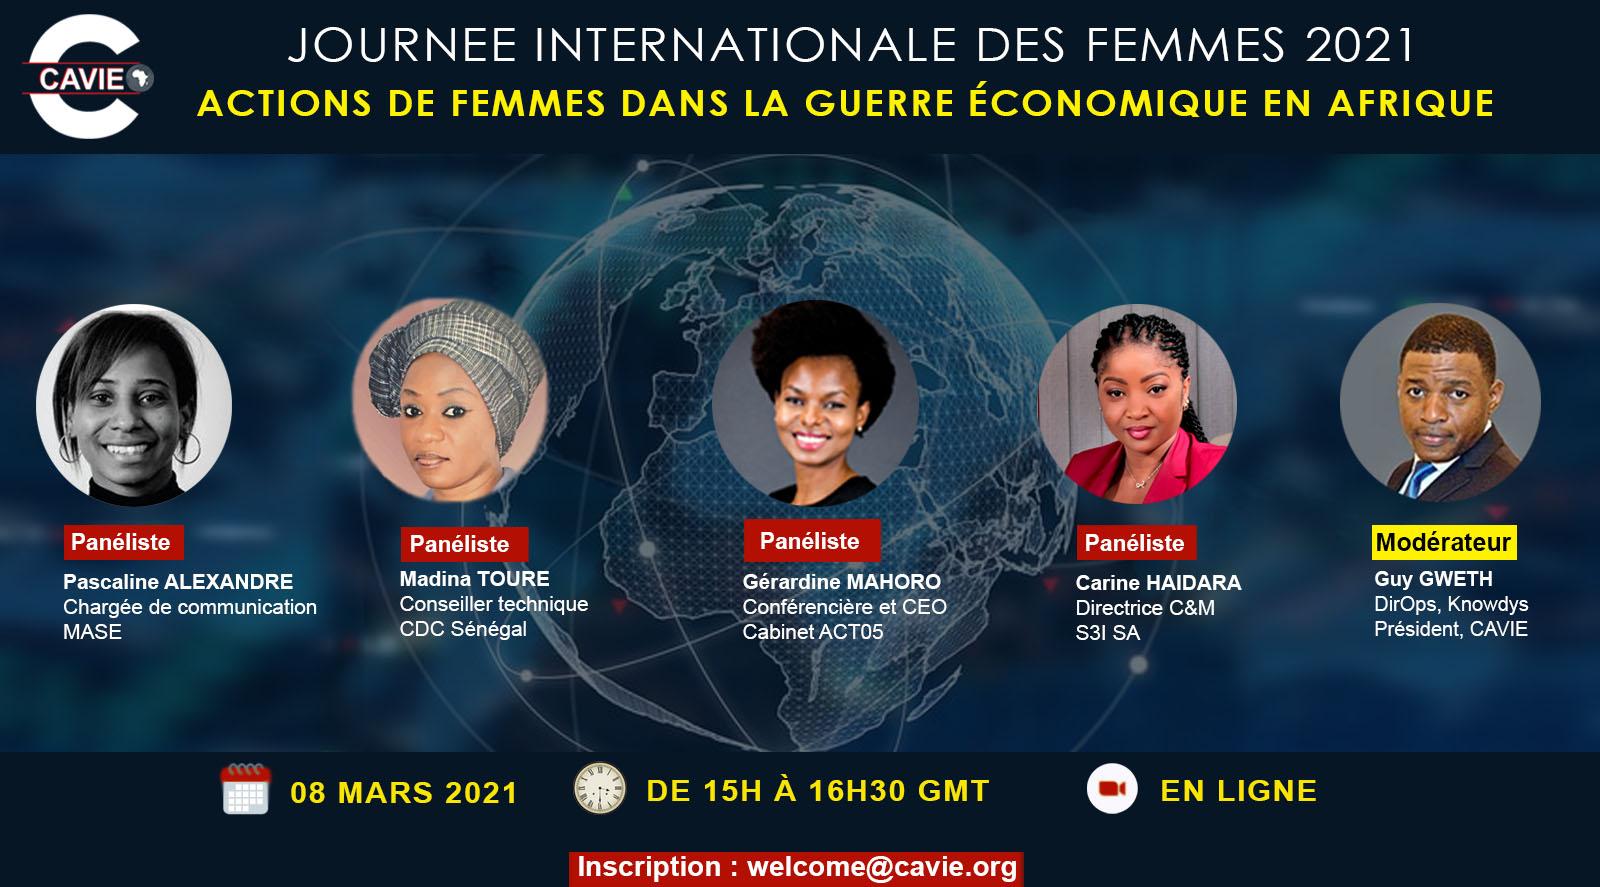 Actions de femmes dans la guerre économique en Afrique